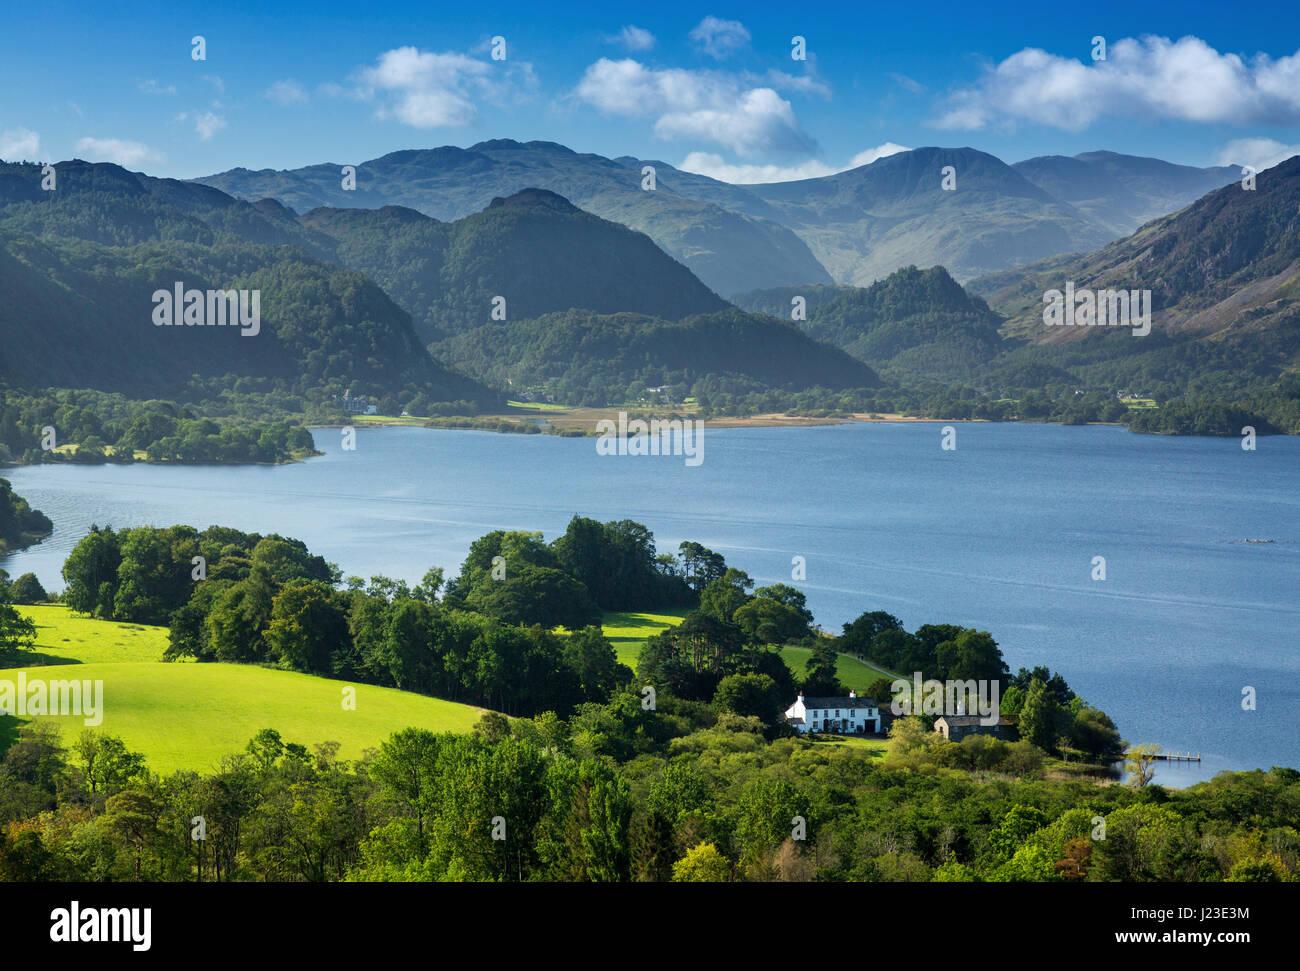 Derwentwater, Lake District, England, UK - English Lake District, Derwent Water landscape scene Stock Photo